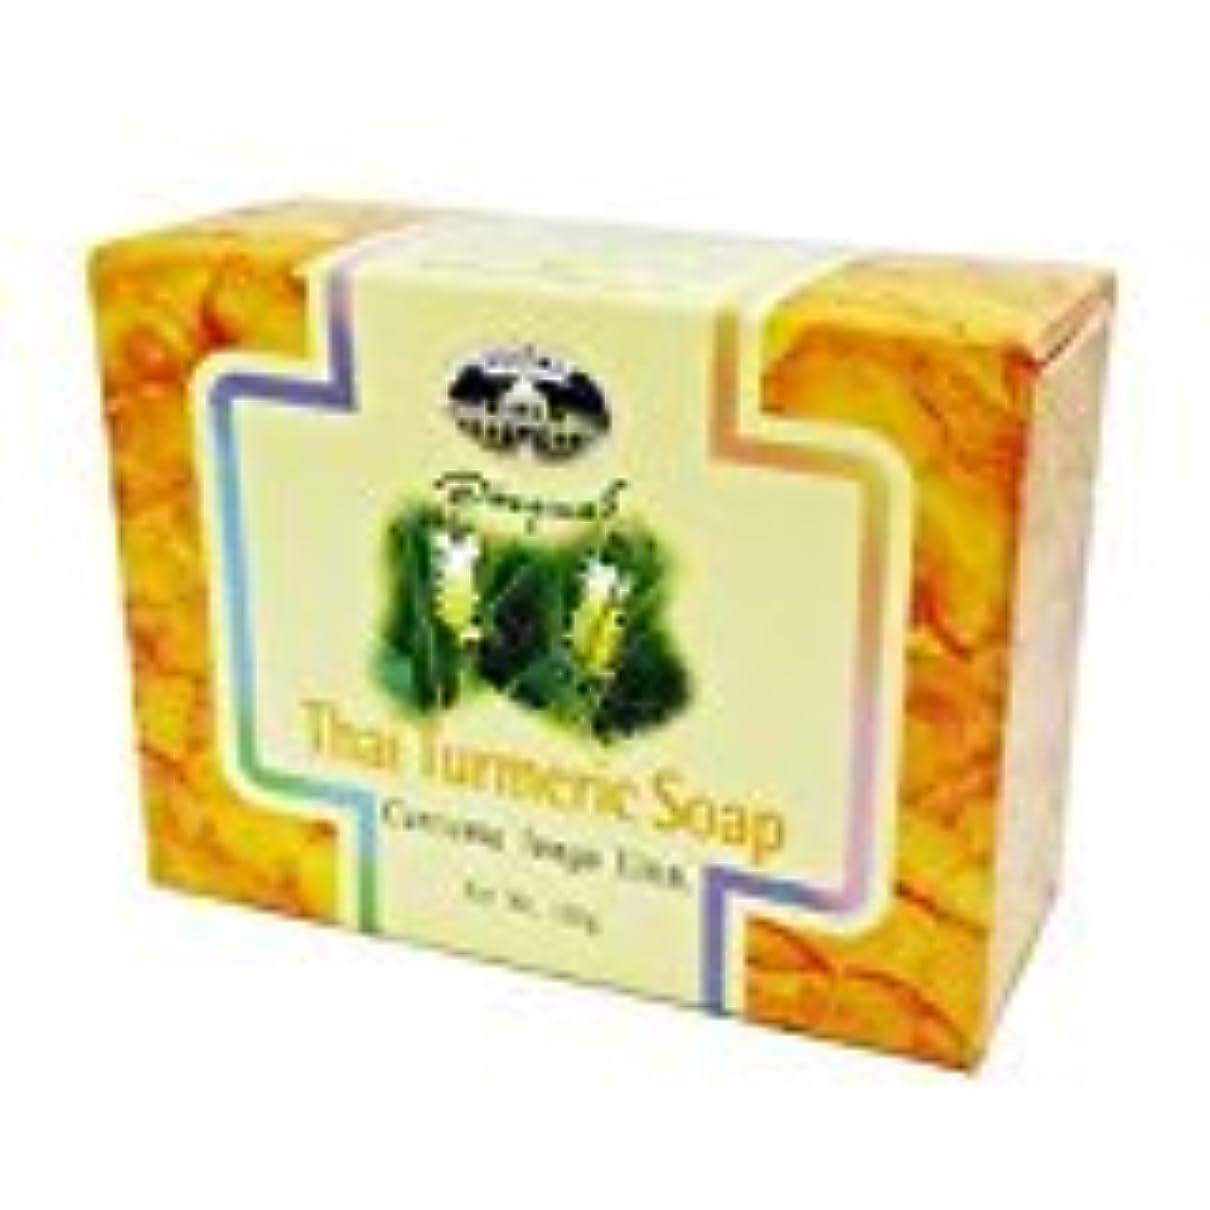 警察サンプル不公平ウコン石けん abhaibhubejhr Turmeric soap 100g